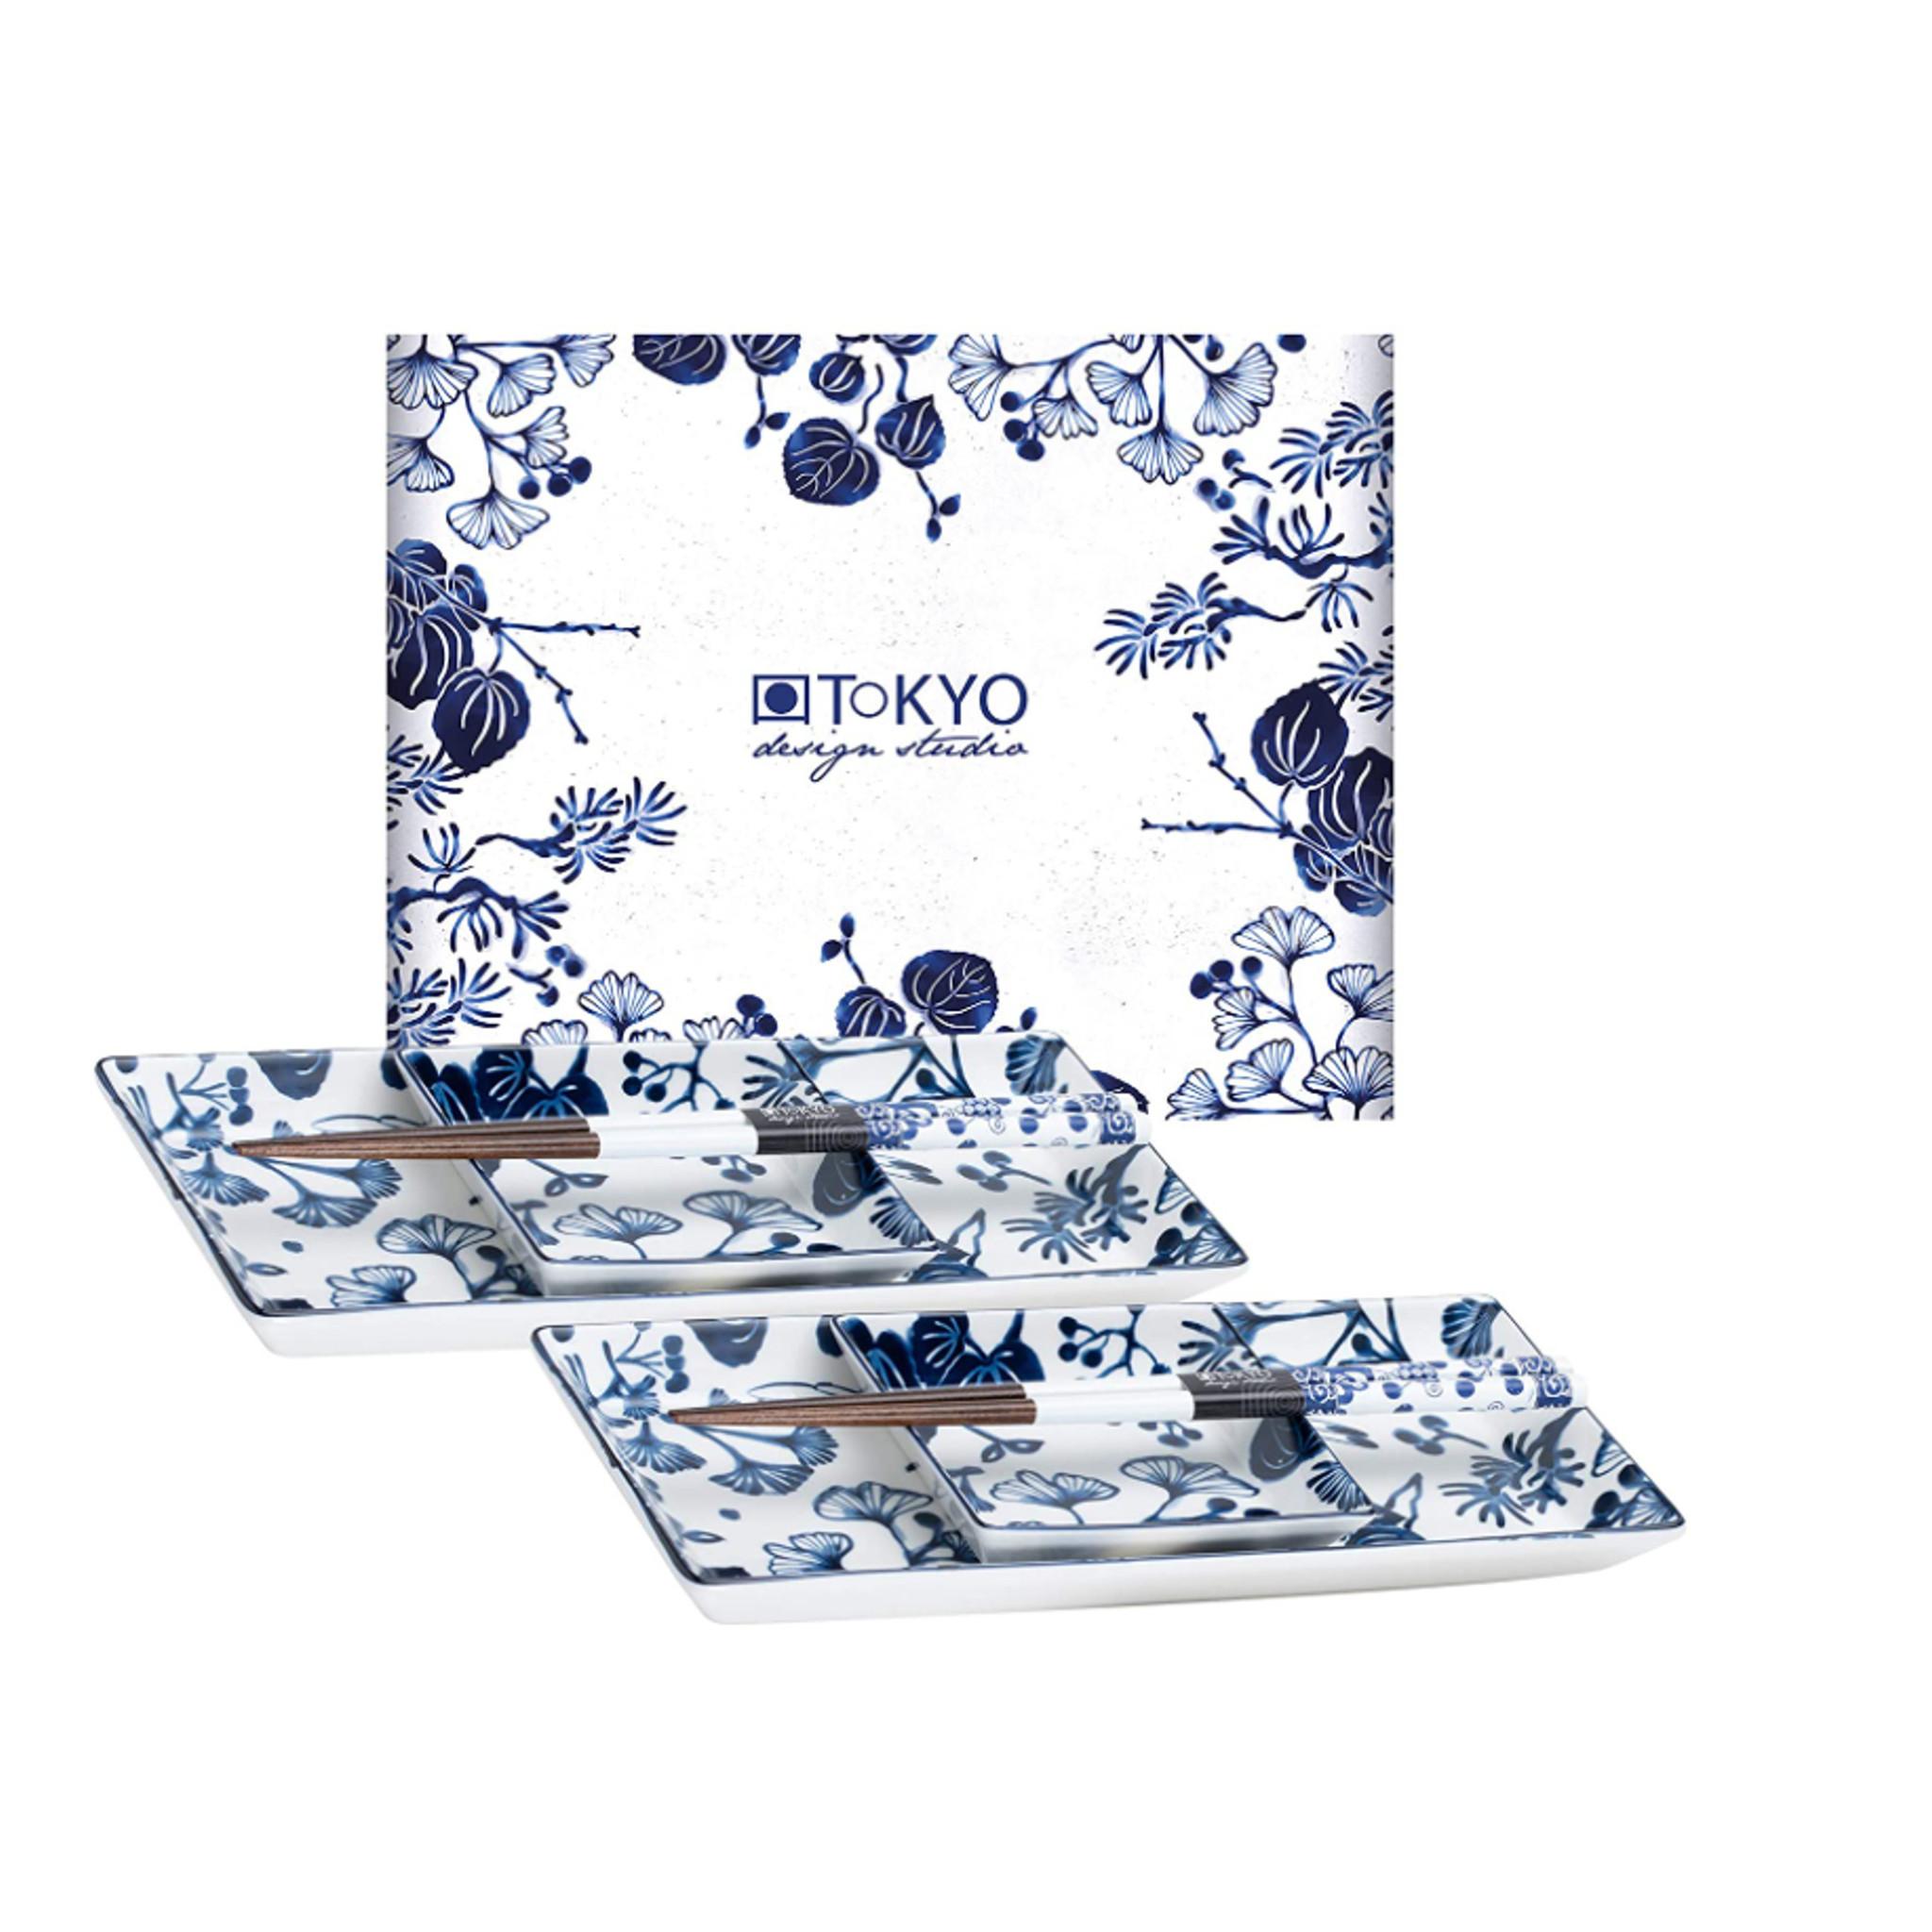 Tokyo Design Studio Tokyo Design Studio | Flora Japonica | 6-teiliges Sushi Geschirr Set | für 2 Personen